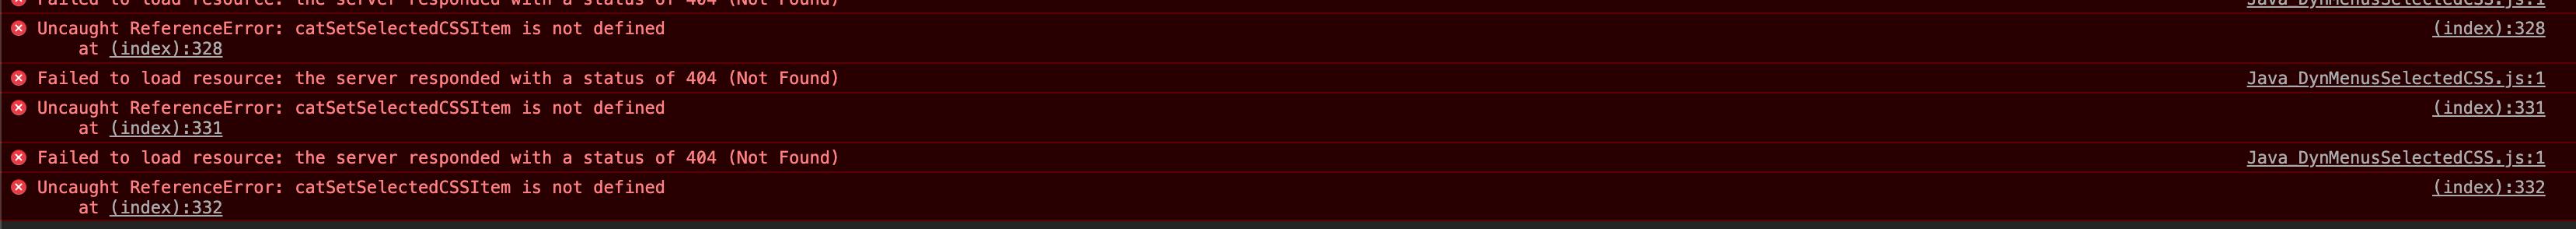 Screenshot 2020-04-15 at 10.44.00 AM.png